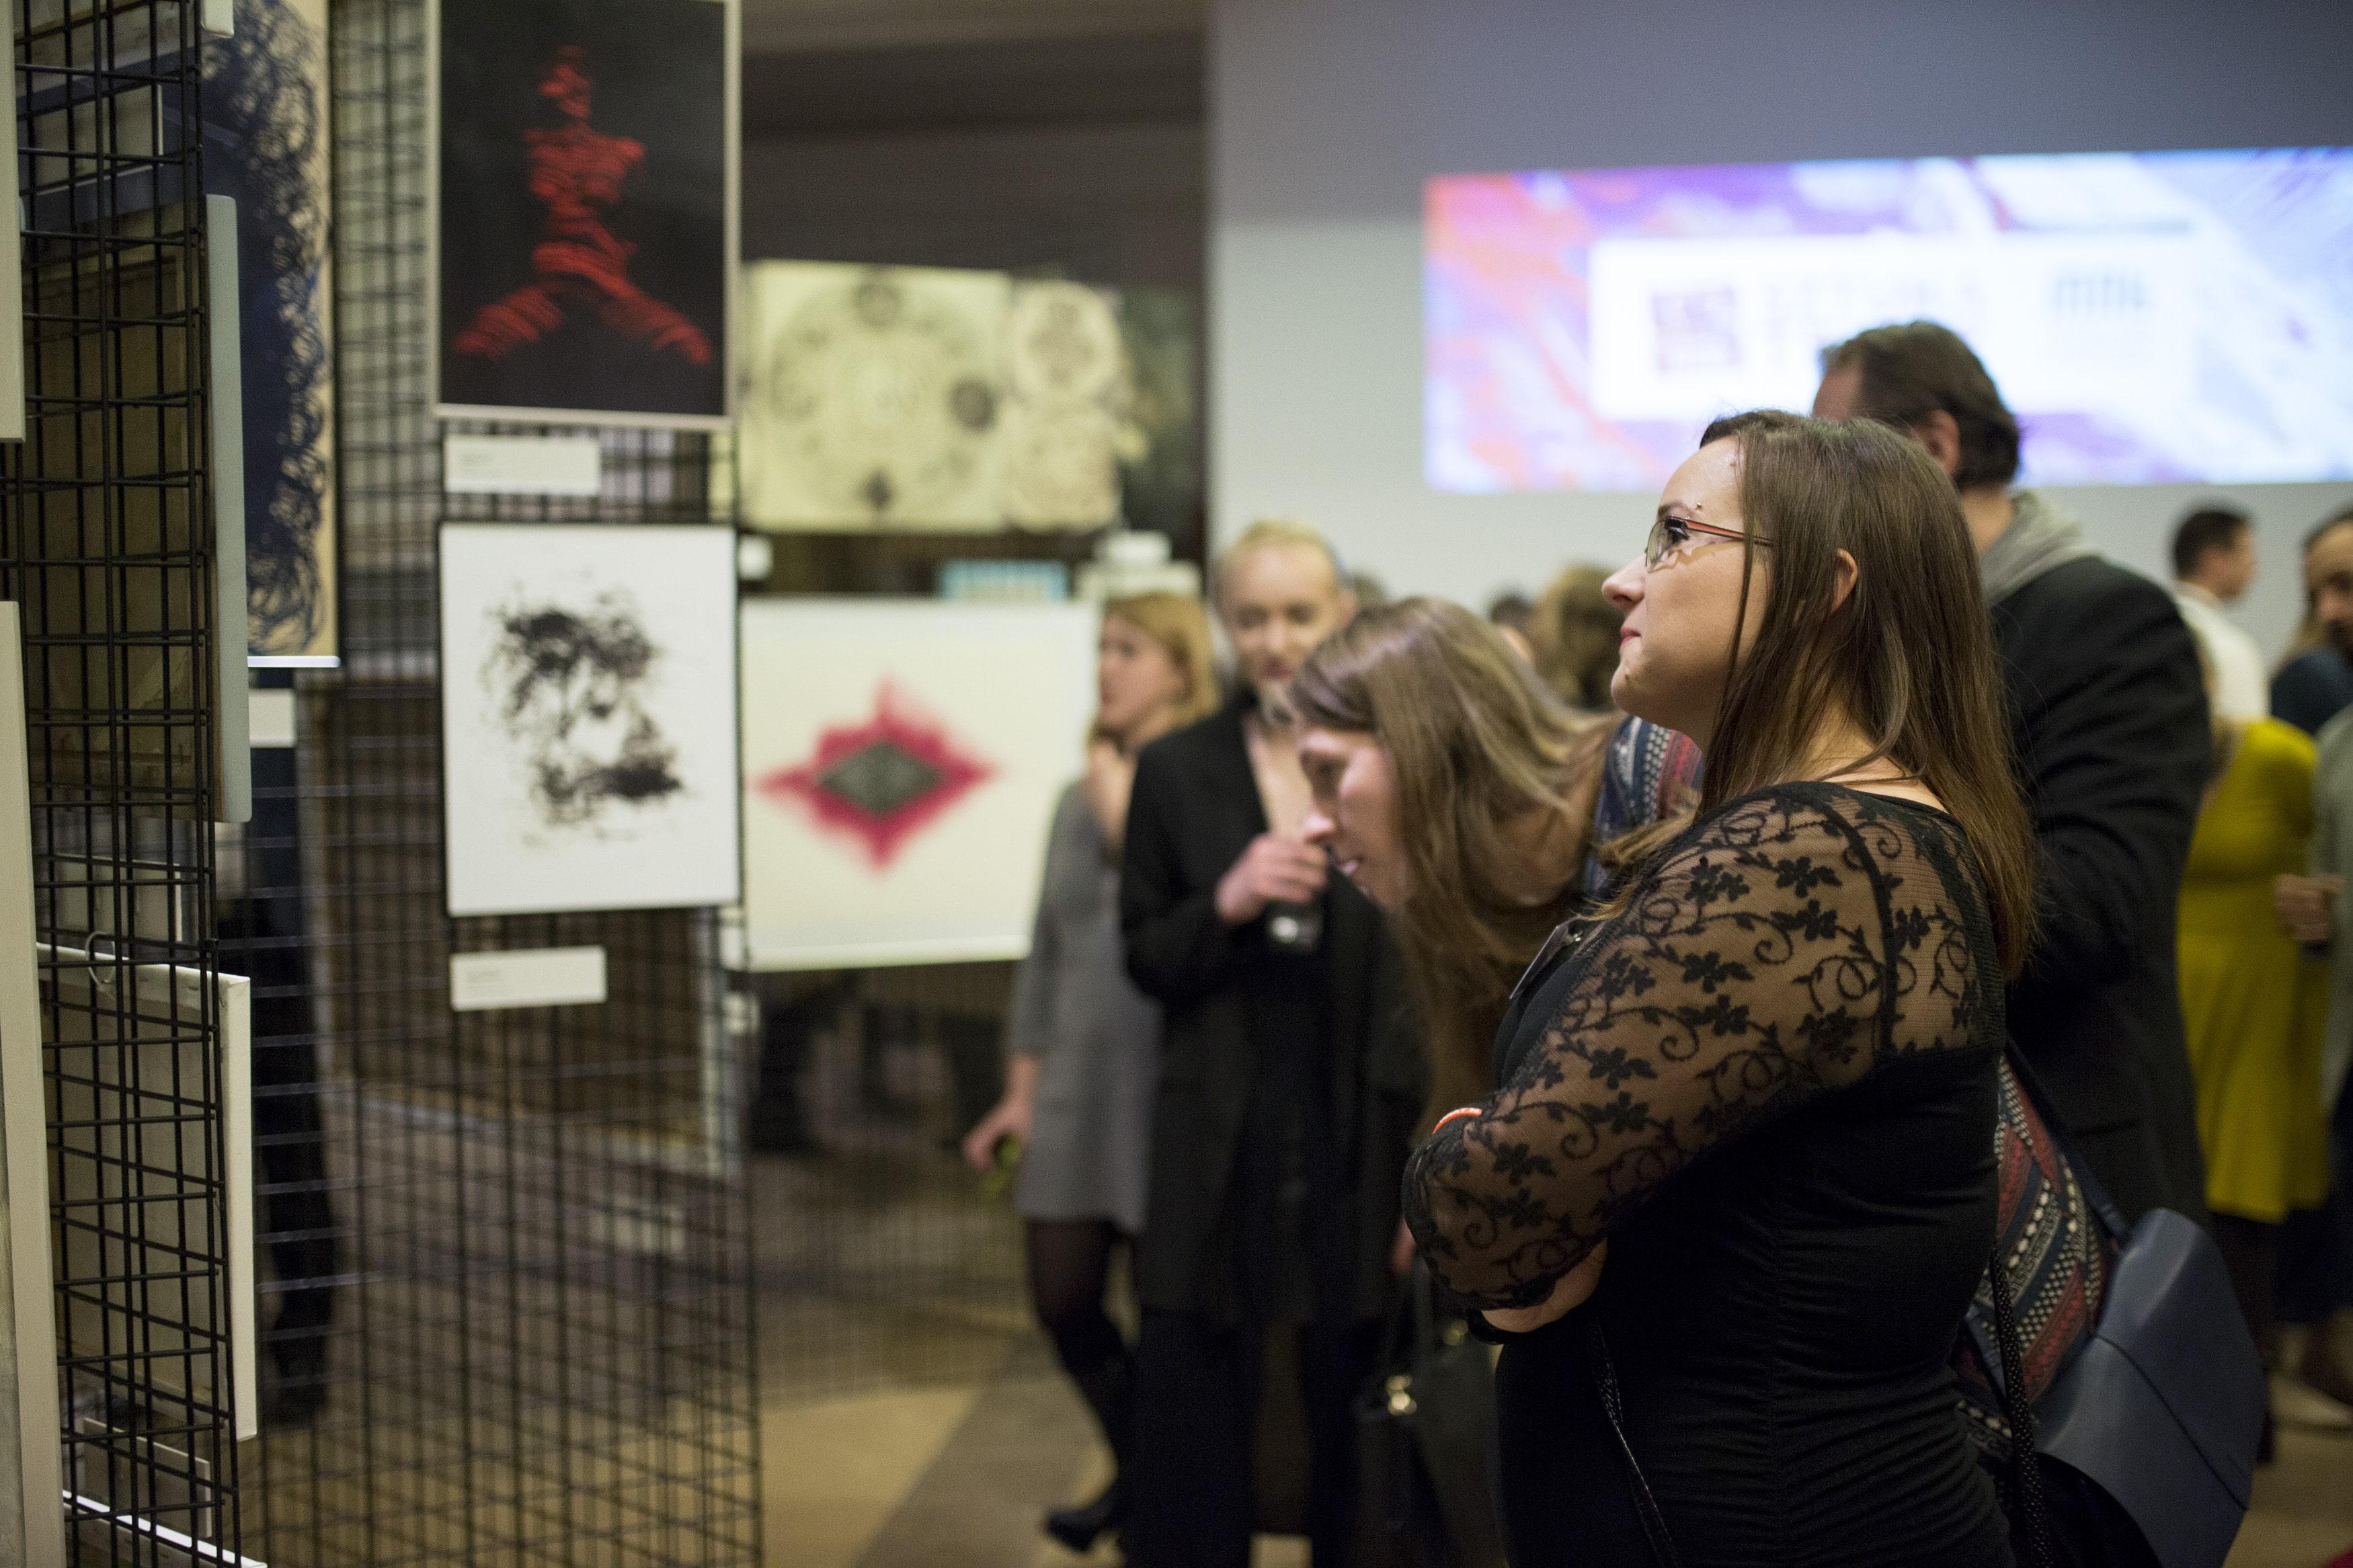 Wernisaż I edycji projektu SZTUKA TERAZ w Muzeum Narodowym w Krakowie, fot. Agnieszka Ożga-Woźnica (źródło: materiały prasowe organizatora)